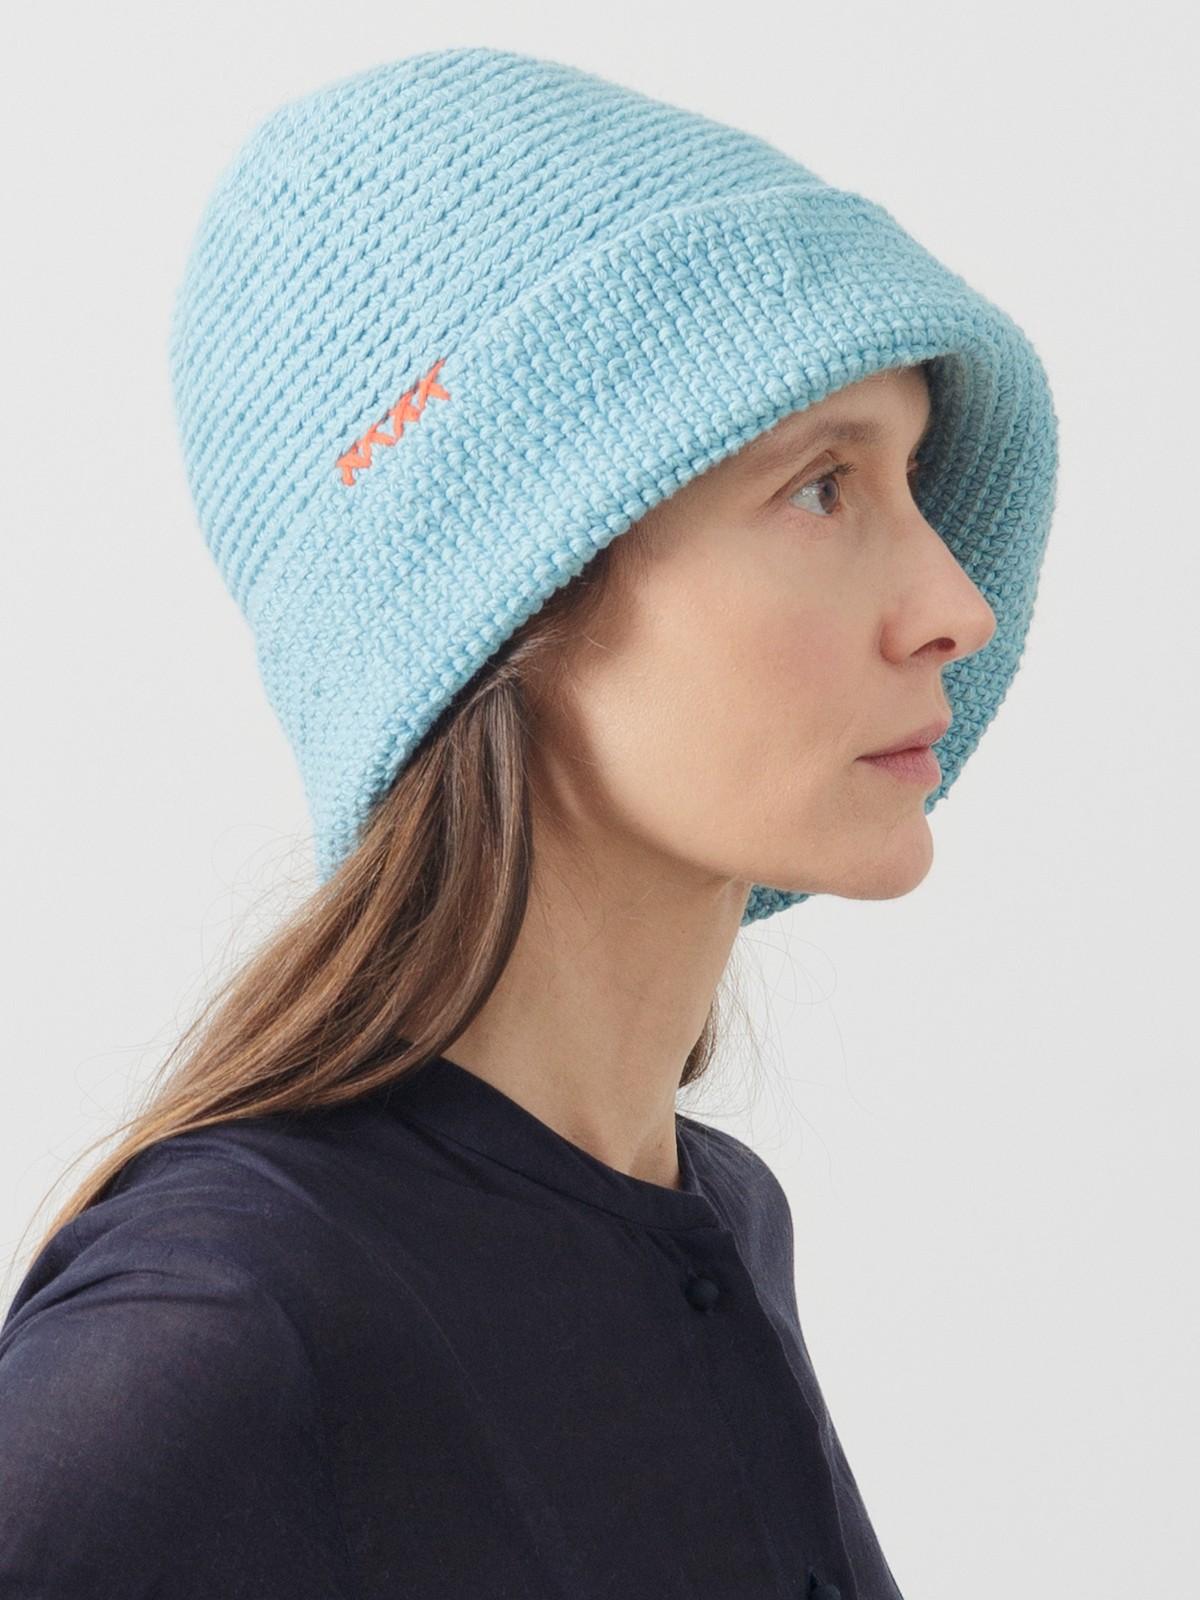 Crochet boat hat